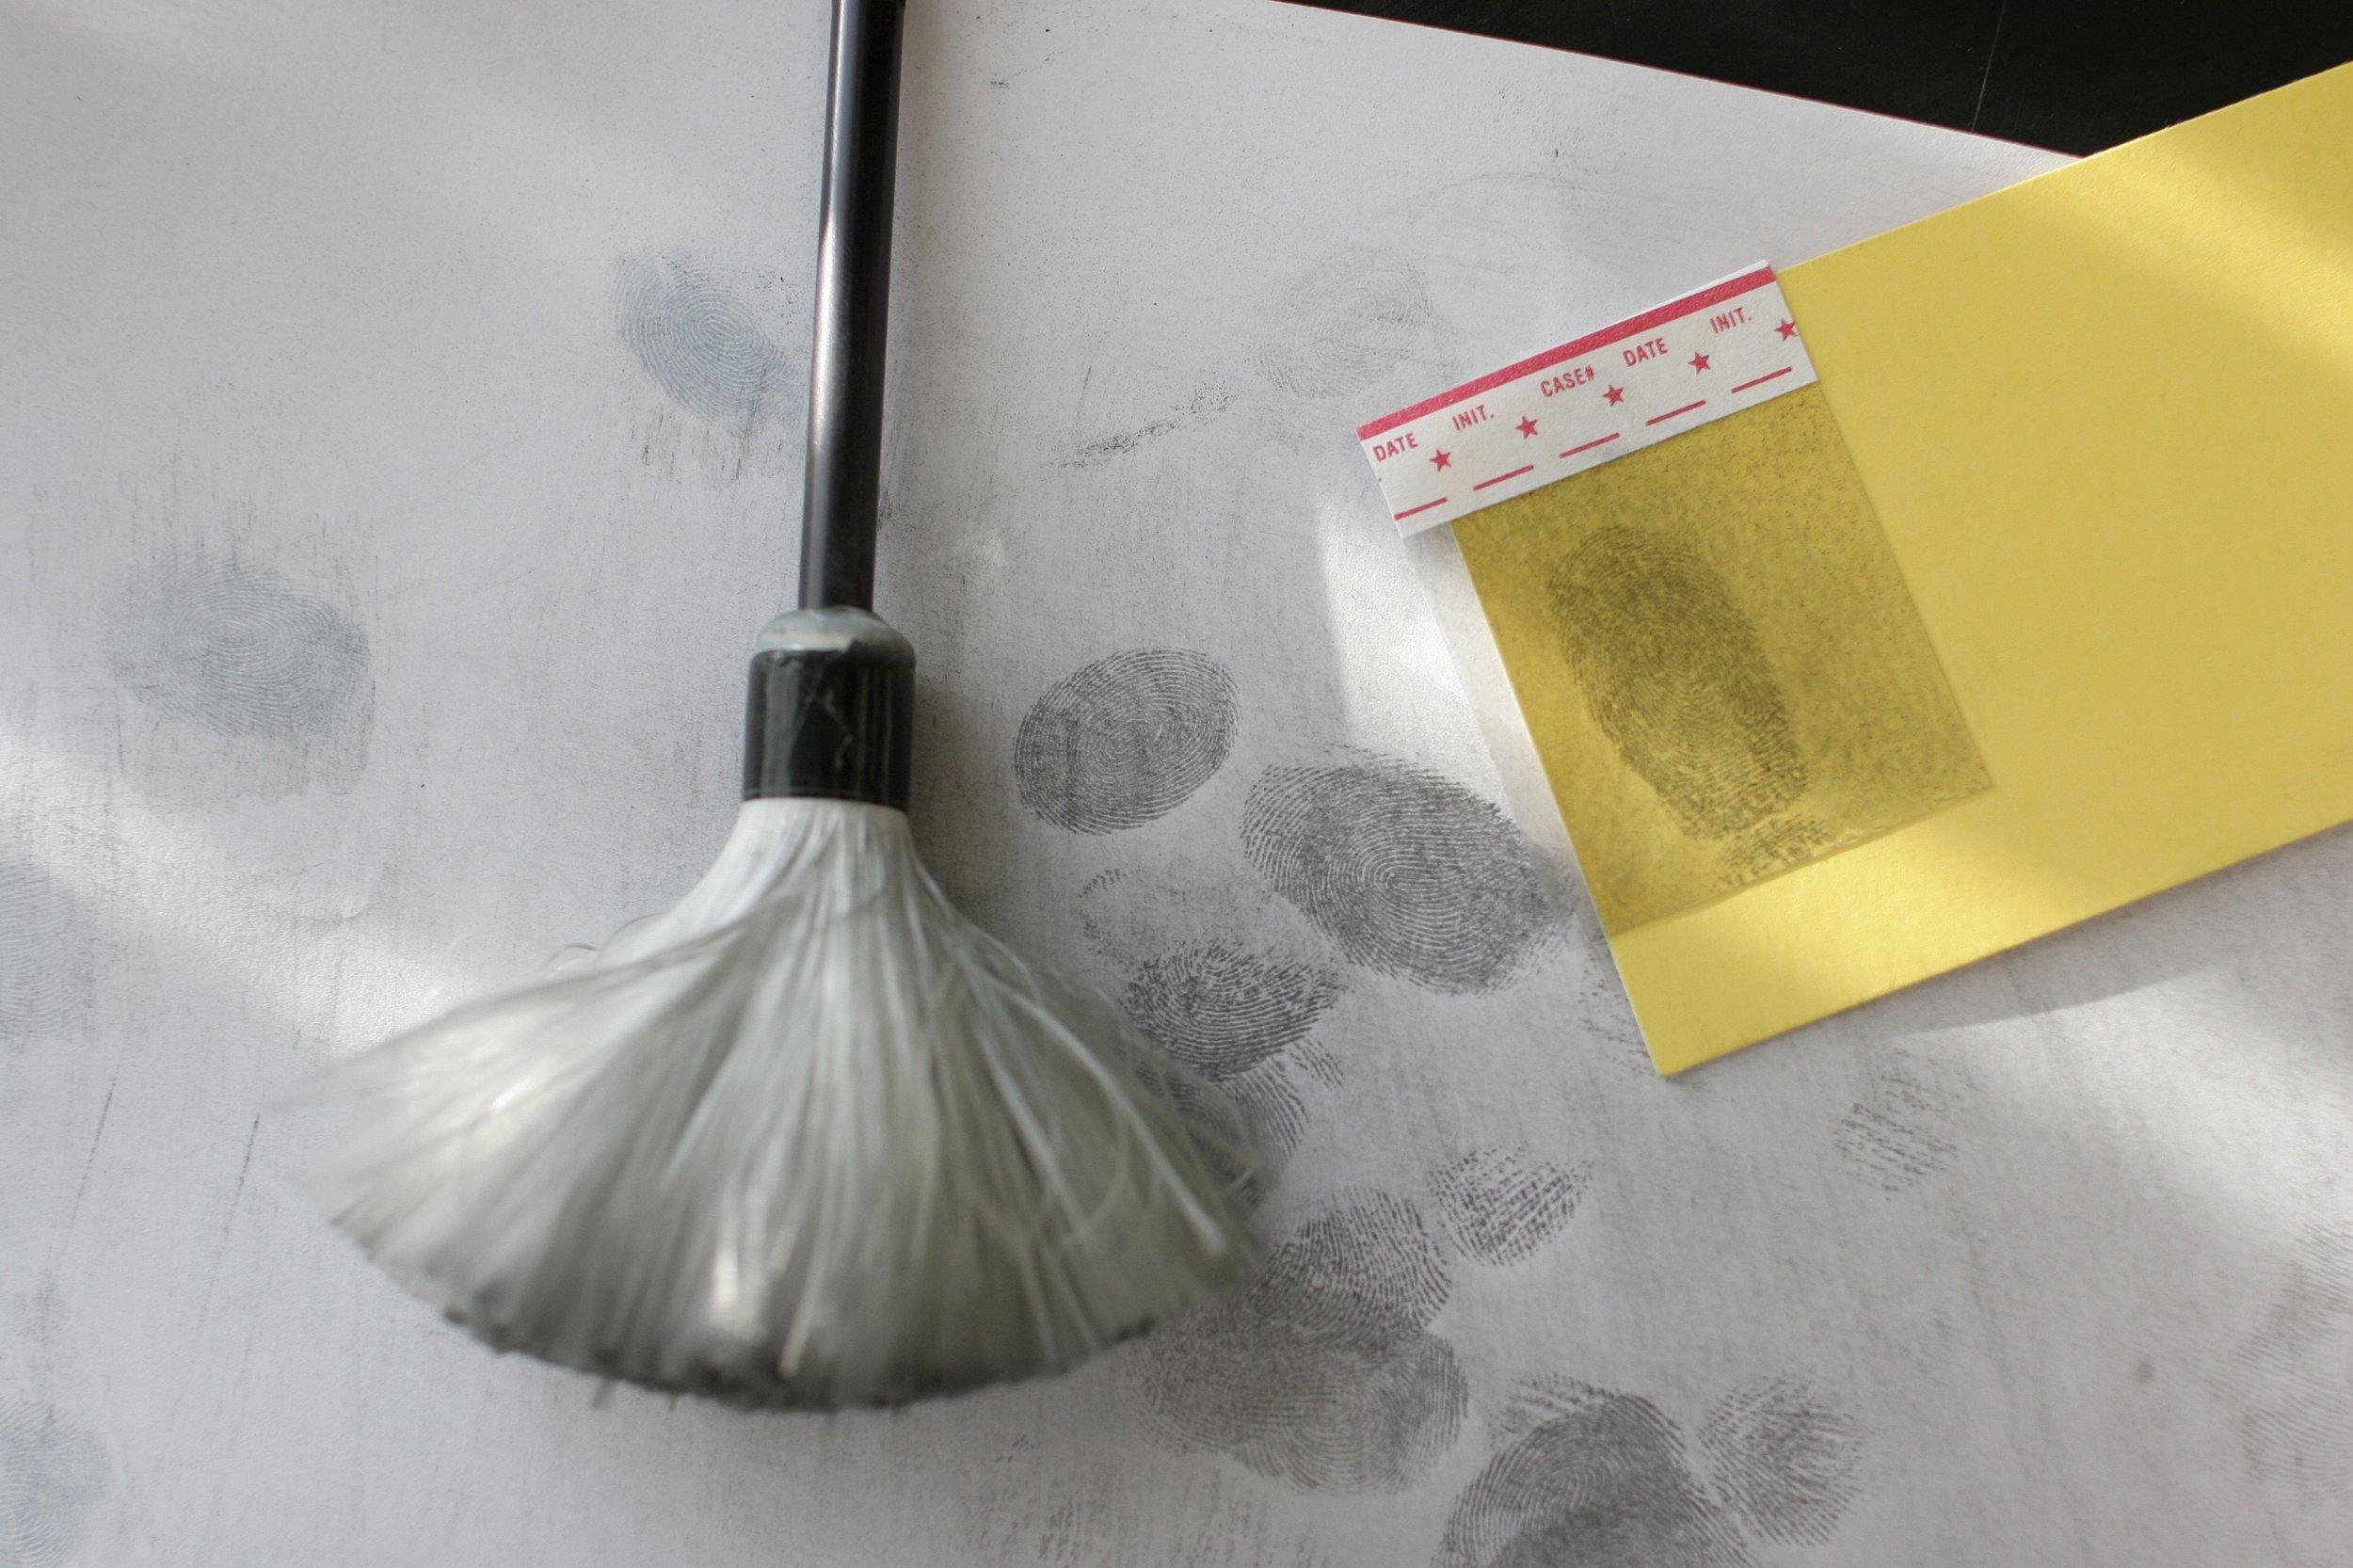 Fingerprinting device